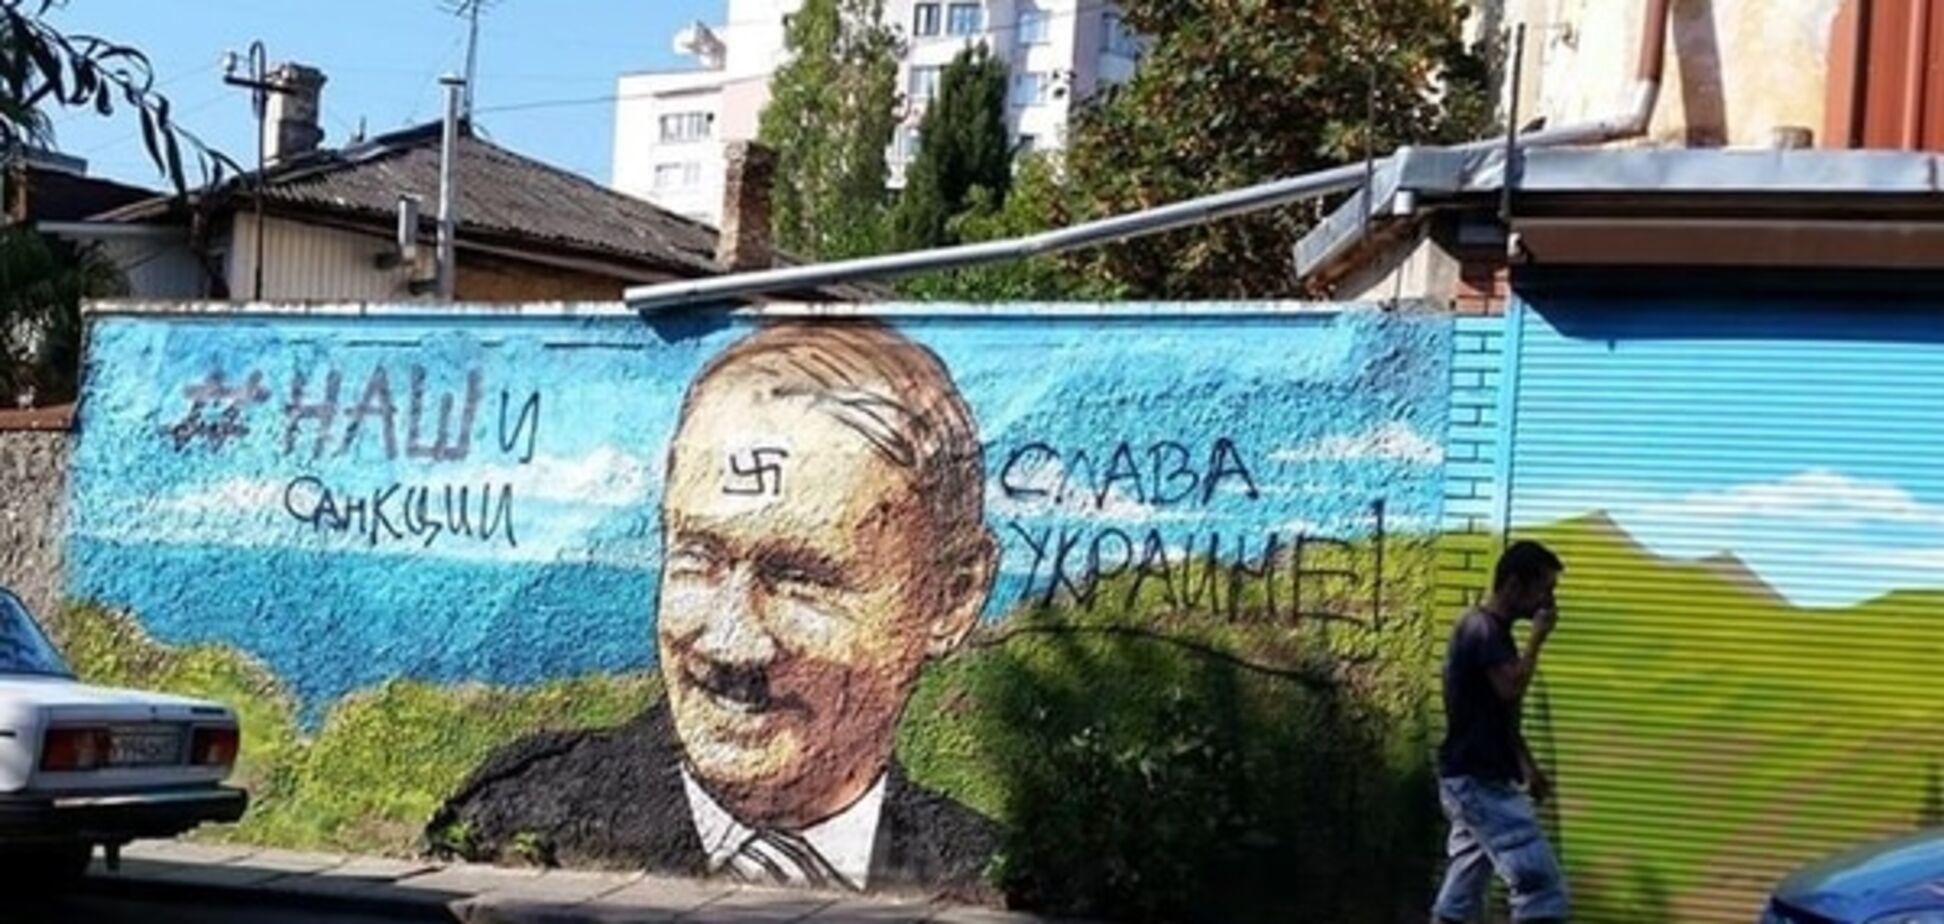 'Путін, пішов геть': у Криму триває акція проти окупації